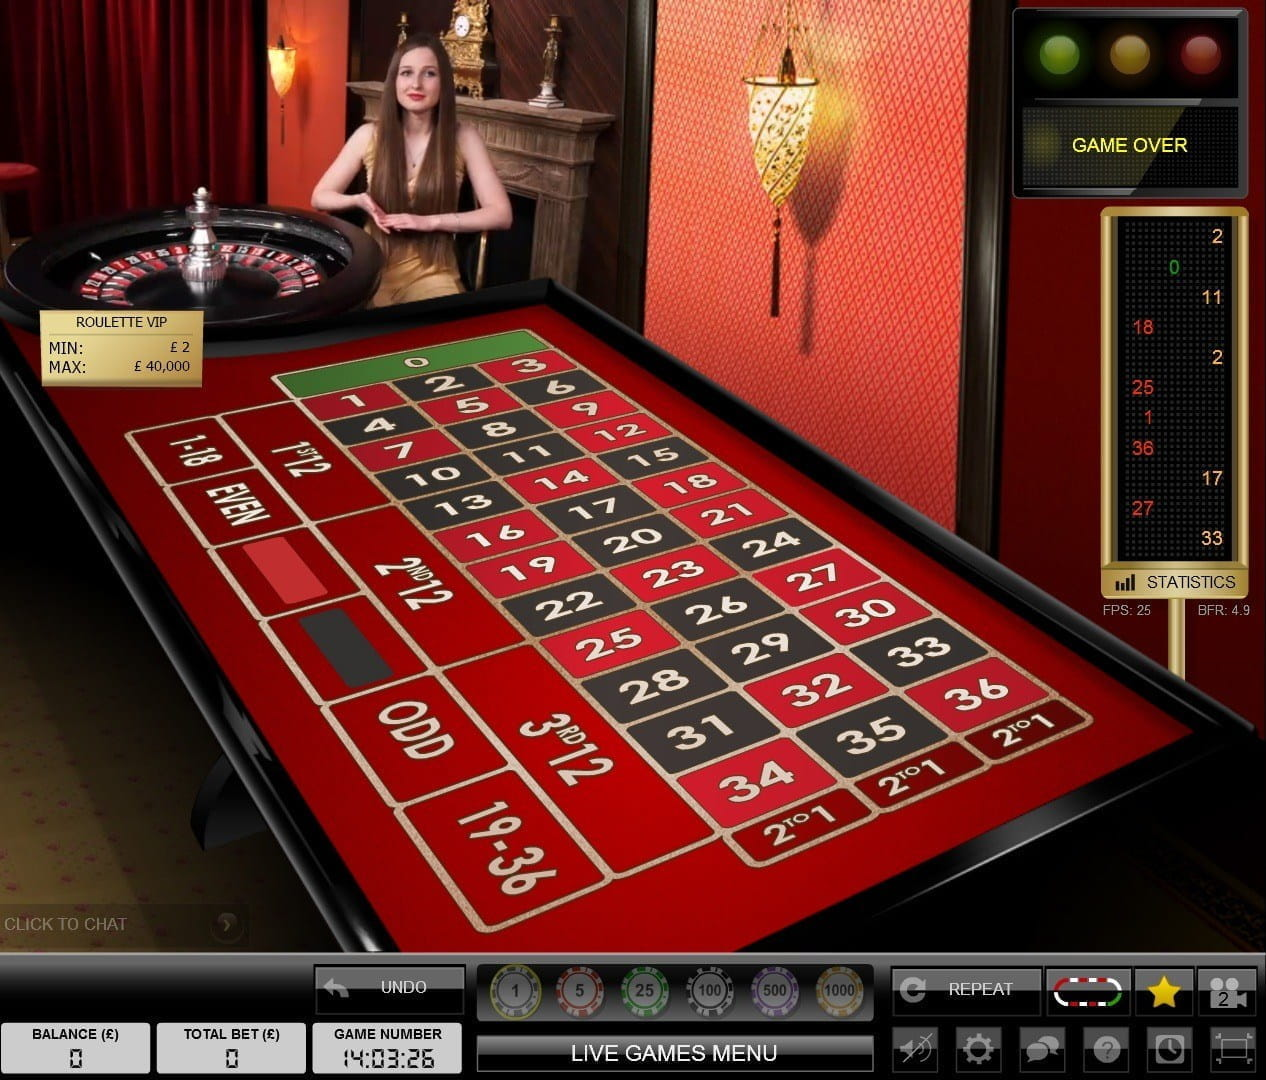 888 roulette live